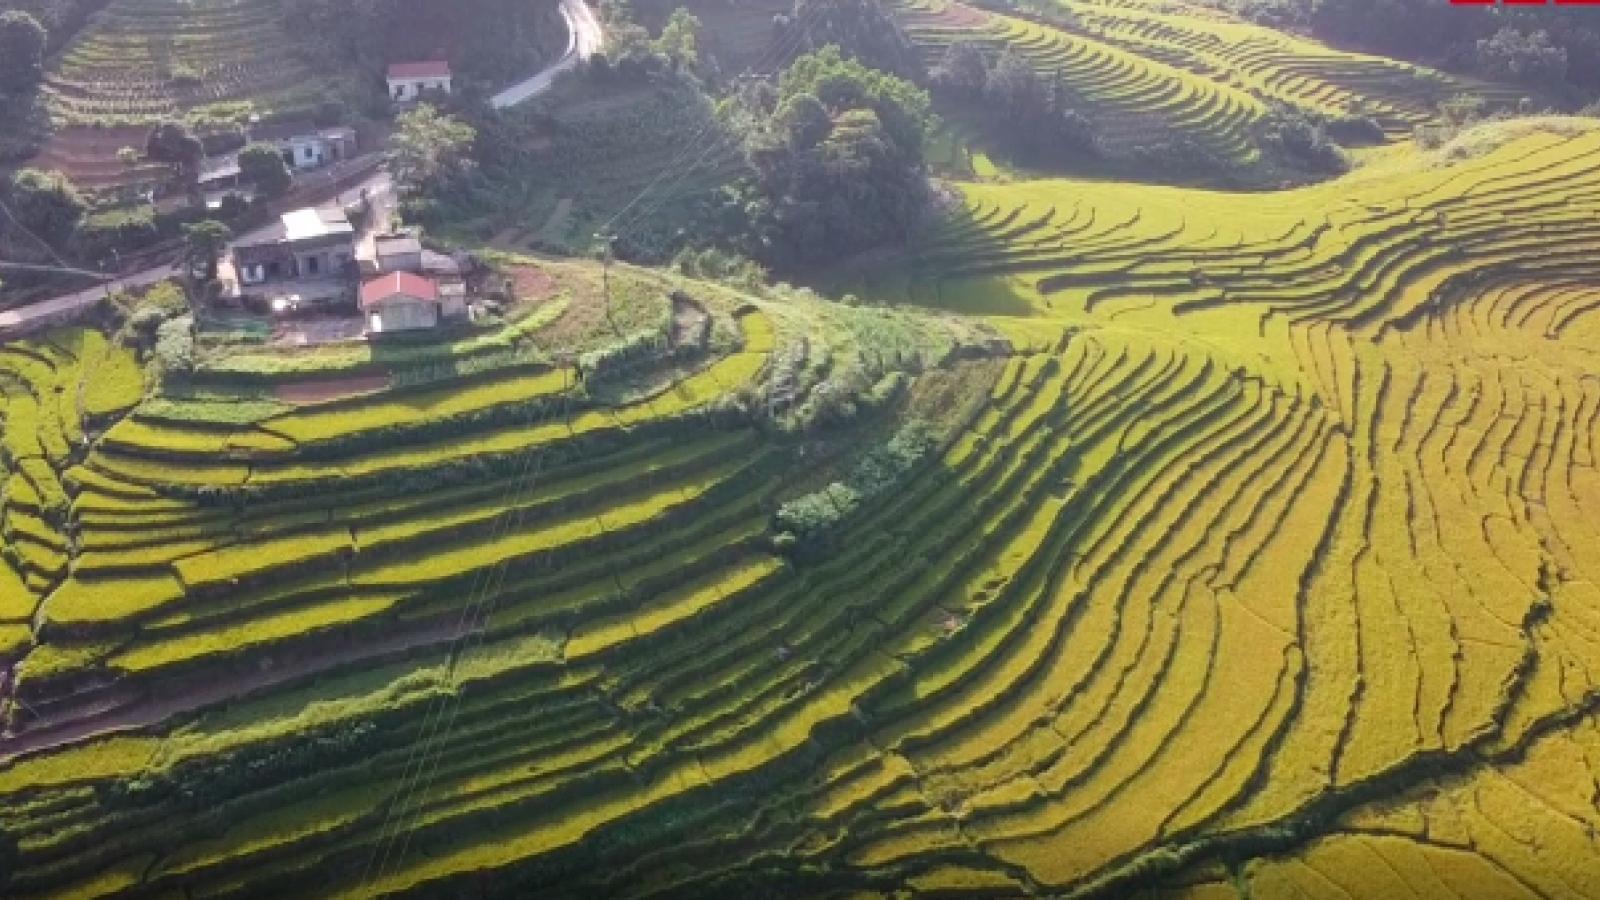 Ngắm ruộng bậc thang vàng rực mùa lúa chín ở Quảng Ninh